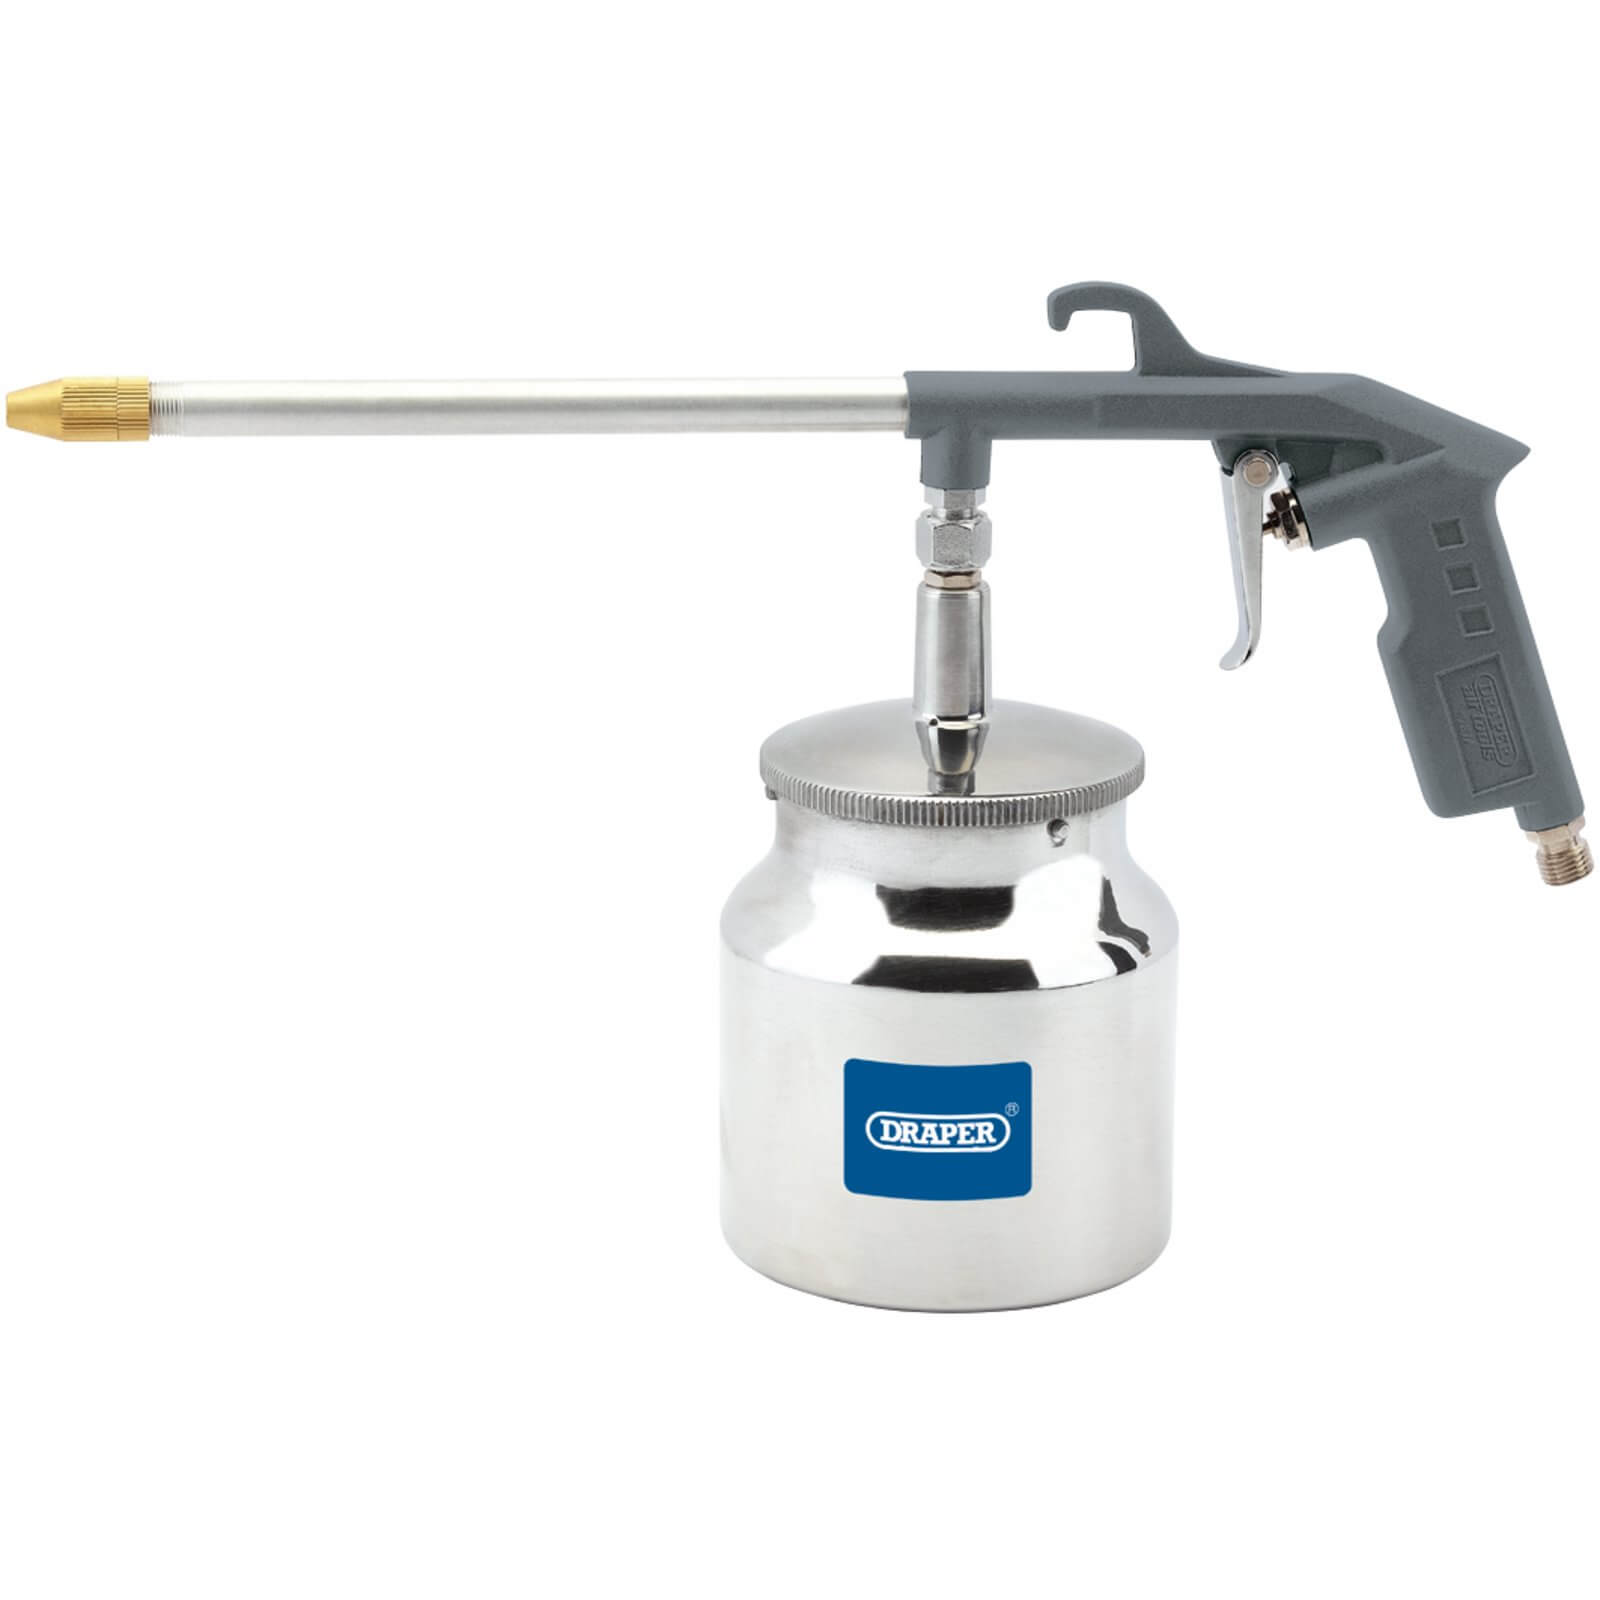 Image of Draper Air Paraffin / Washing Gun